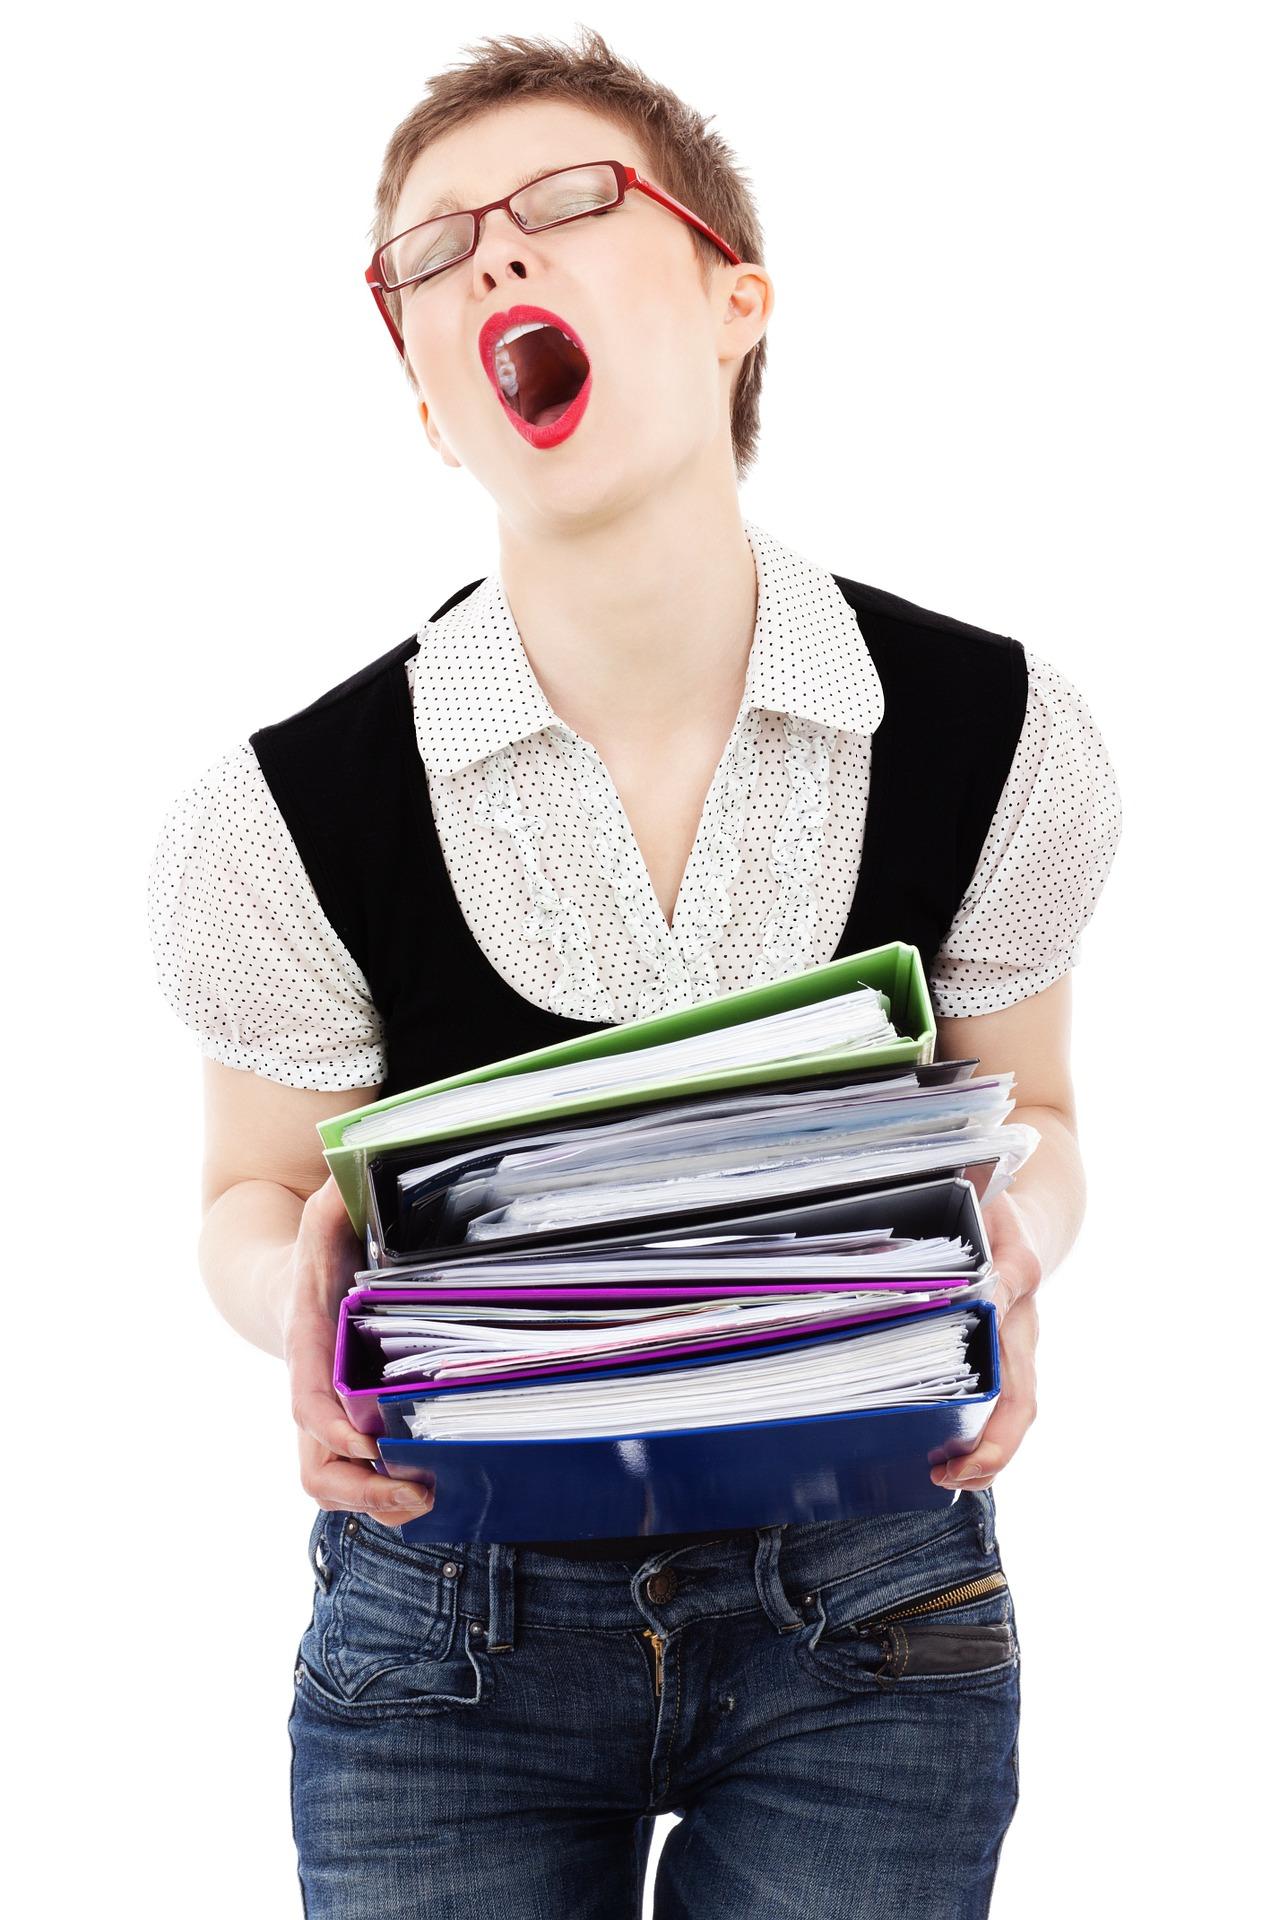 Czym jest stres i jak sobie z nim radzić